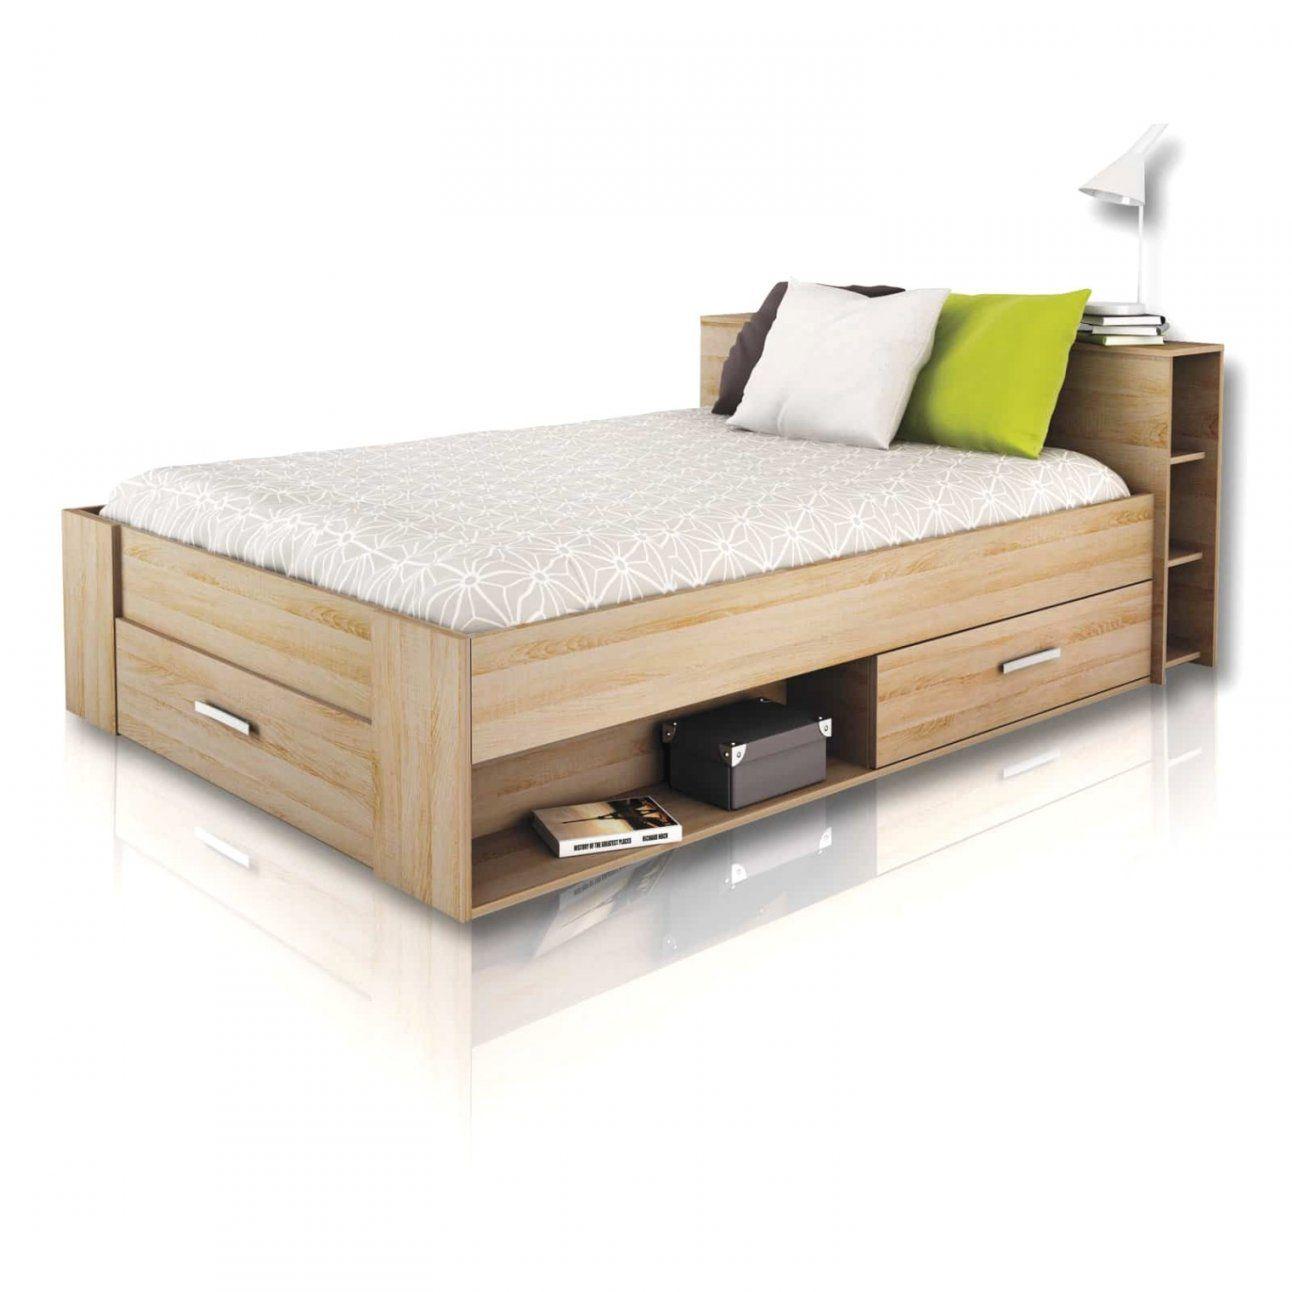 Roller Betten 90×200 Unglaublich Mobel Roller Betten Nt07 – Fcci von Roller Betten Mit Bettkasten Photo